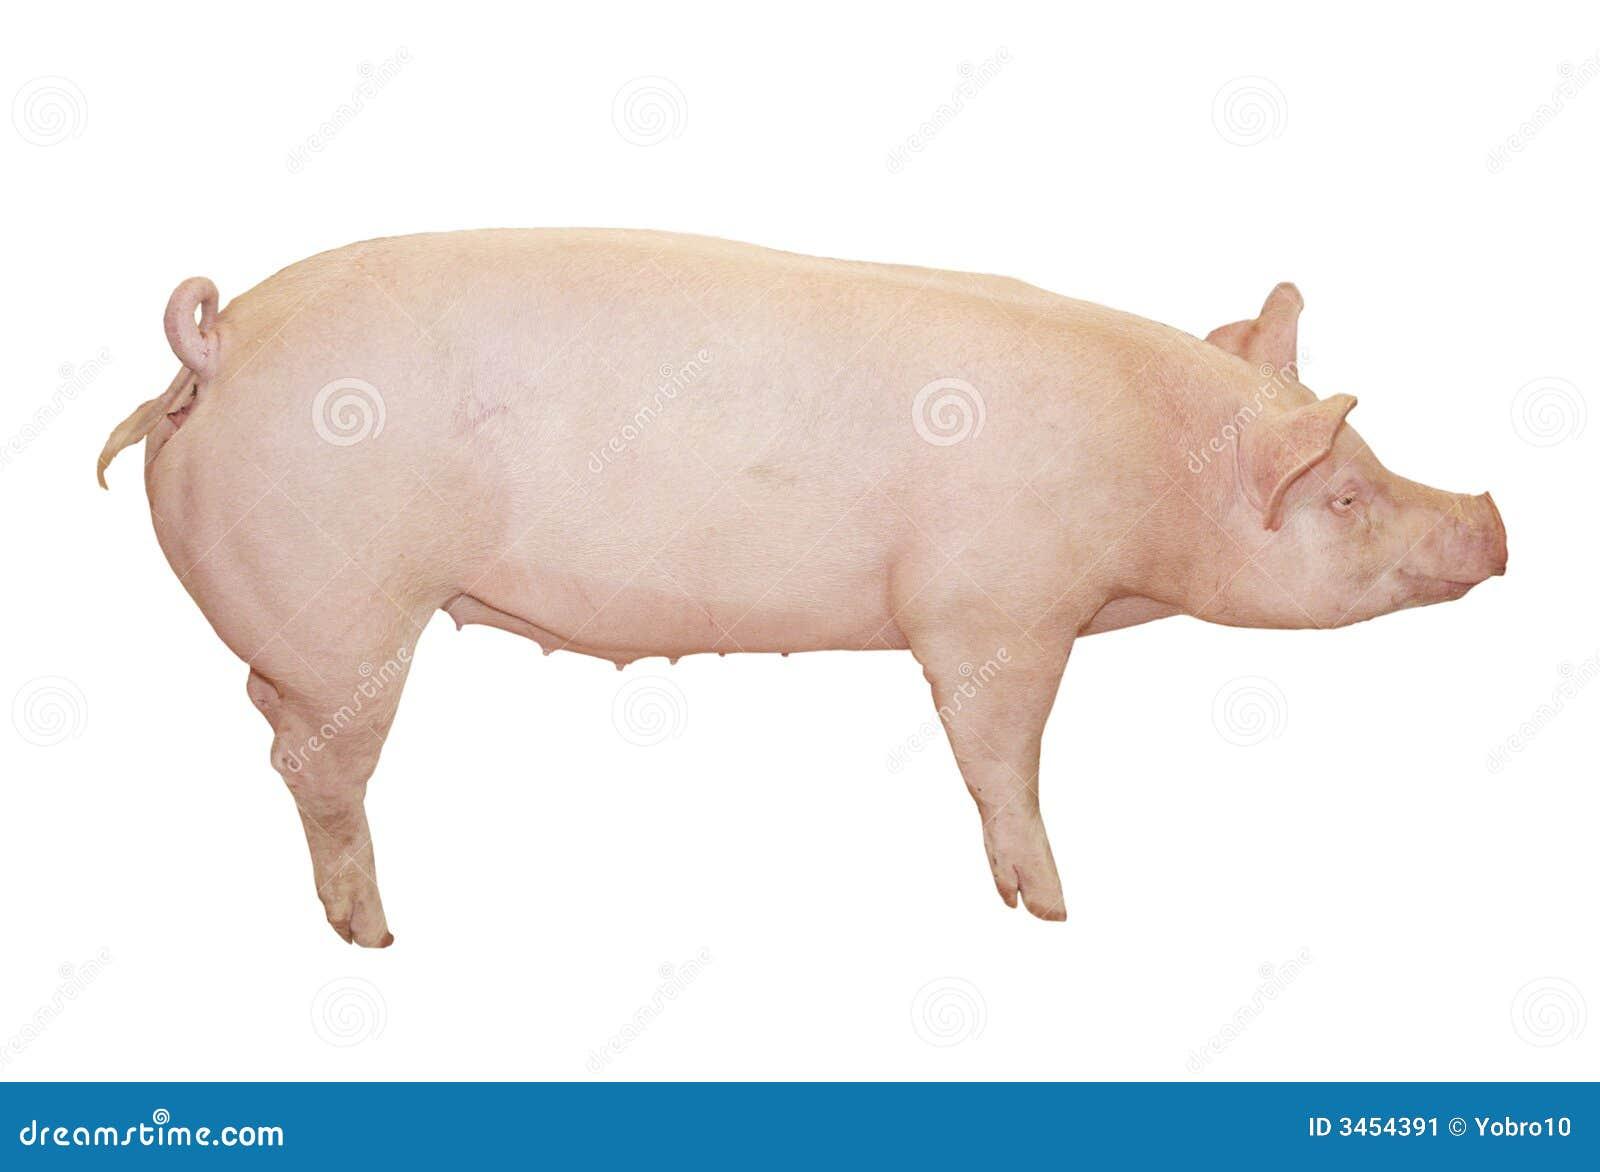 Un cerdo rosado grande que está limpio y listo para ser cortado de un